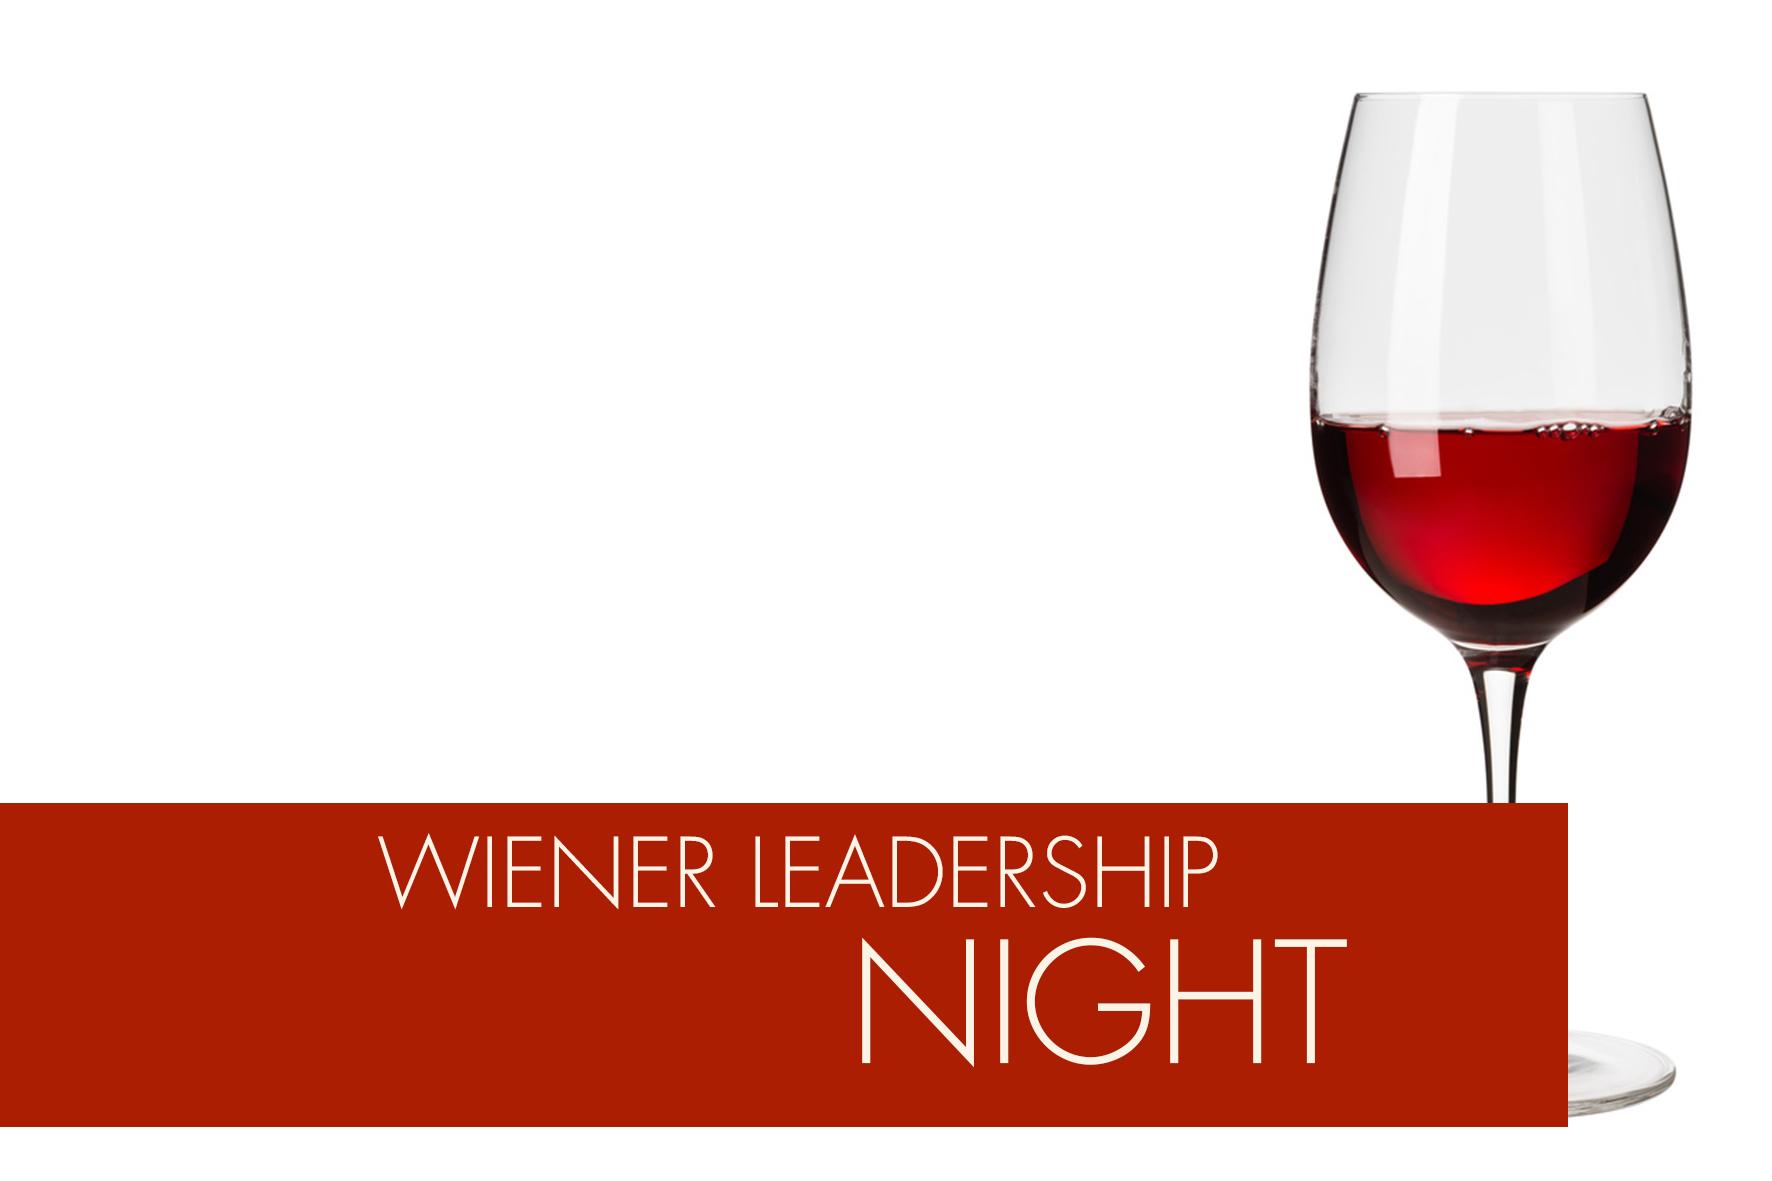 Wiener Leadership Night